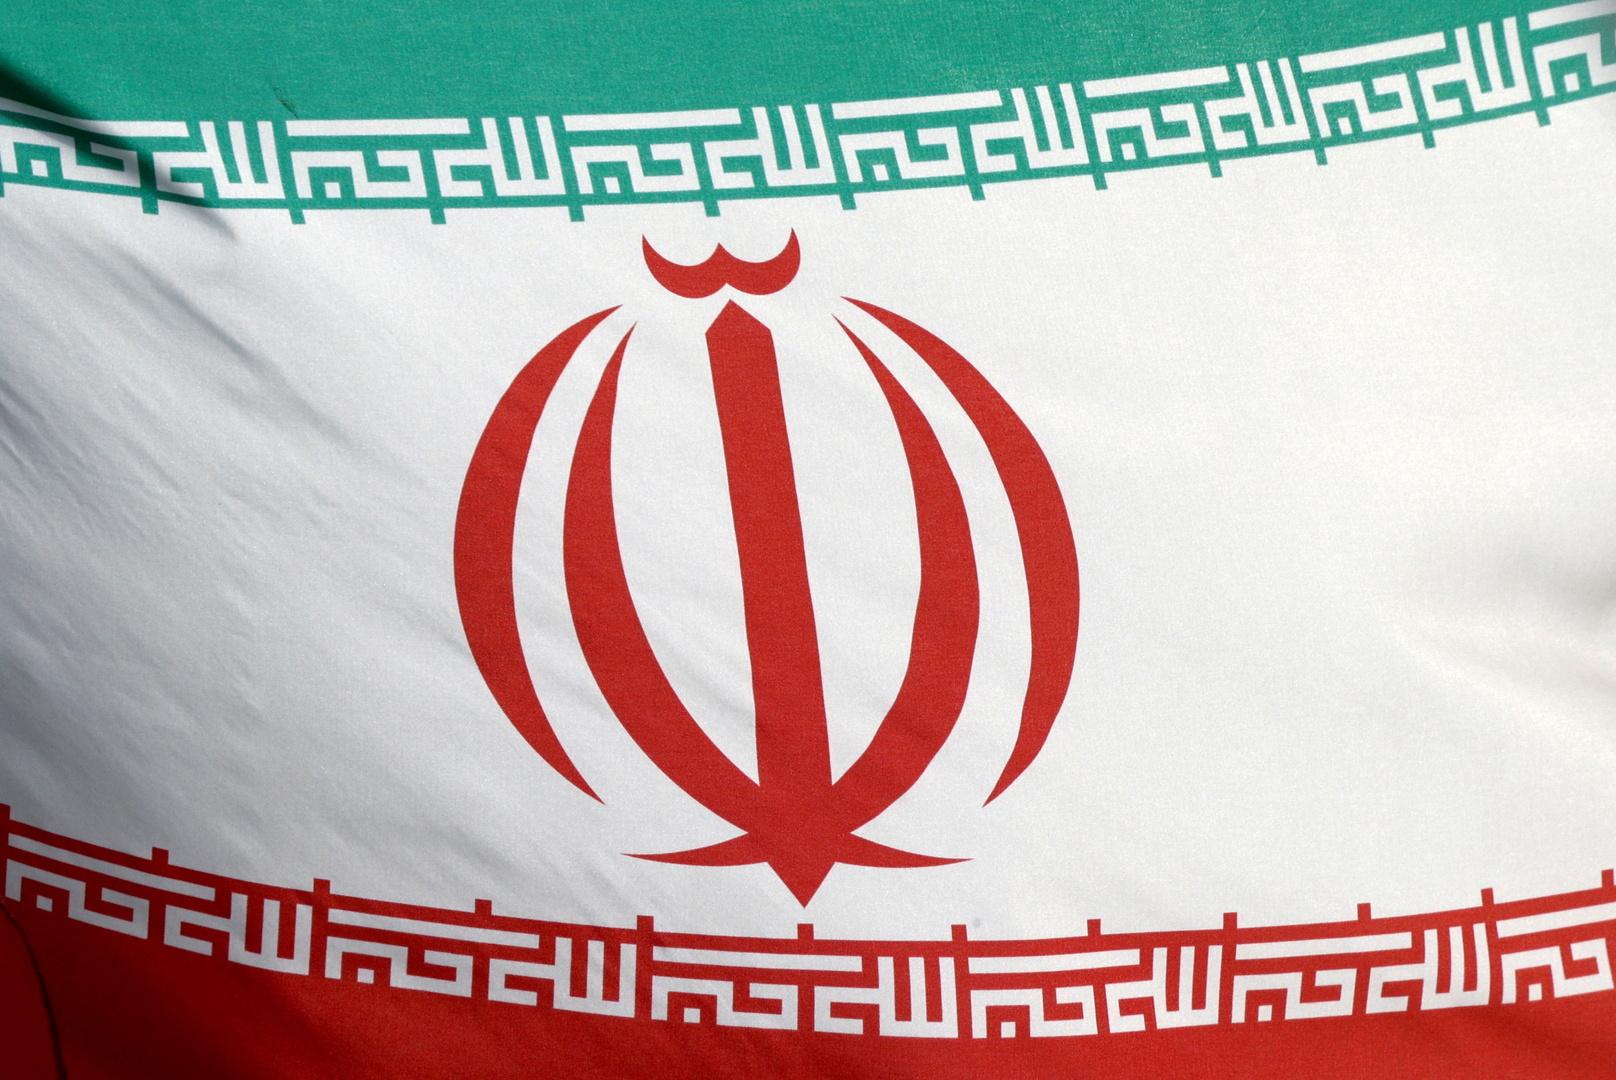 إيران تعلن عن نية جادة للعودة إلى المفاوضات النووية